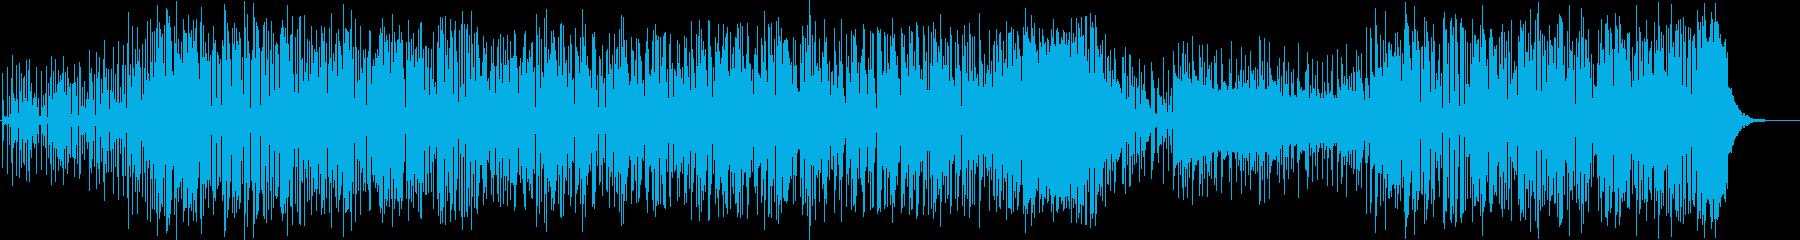 ブラスセクションで勢いのあるファンクの再生済みの波形